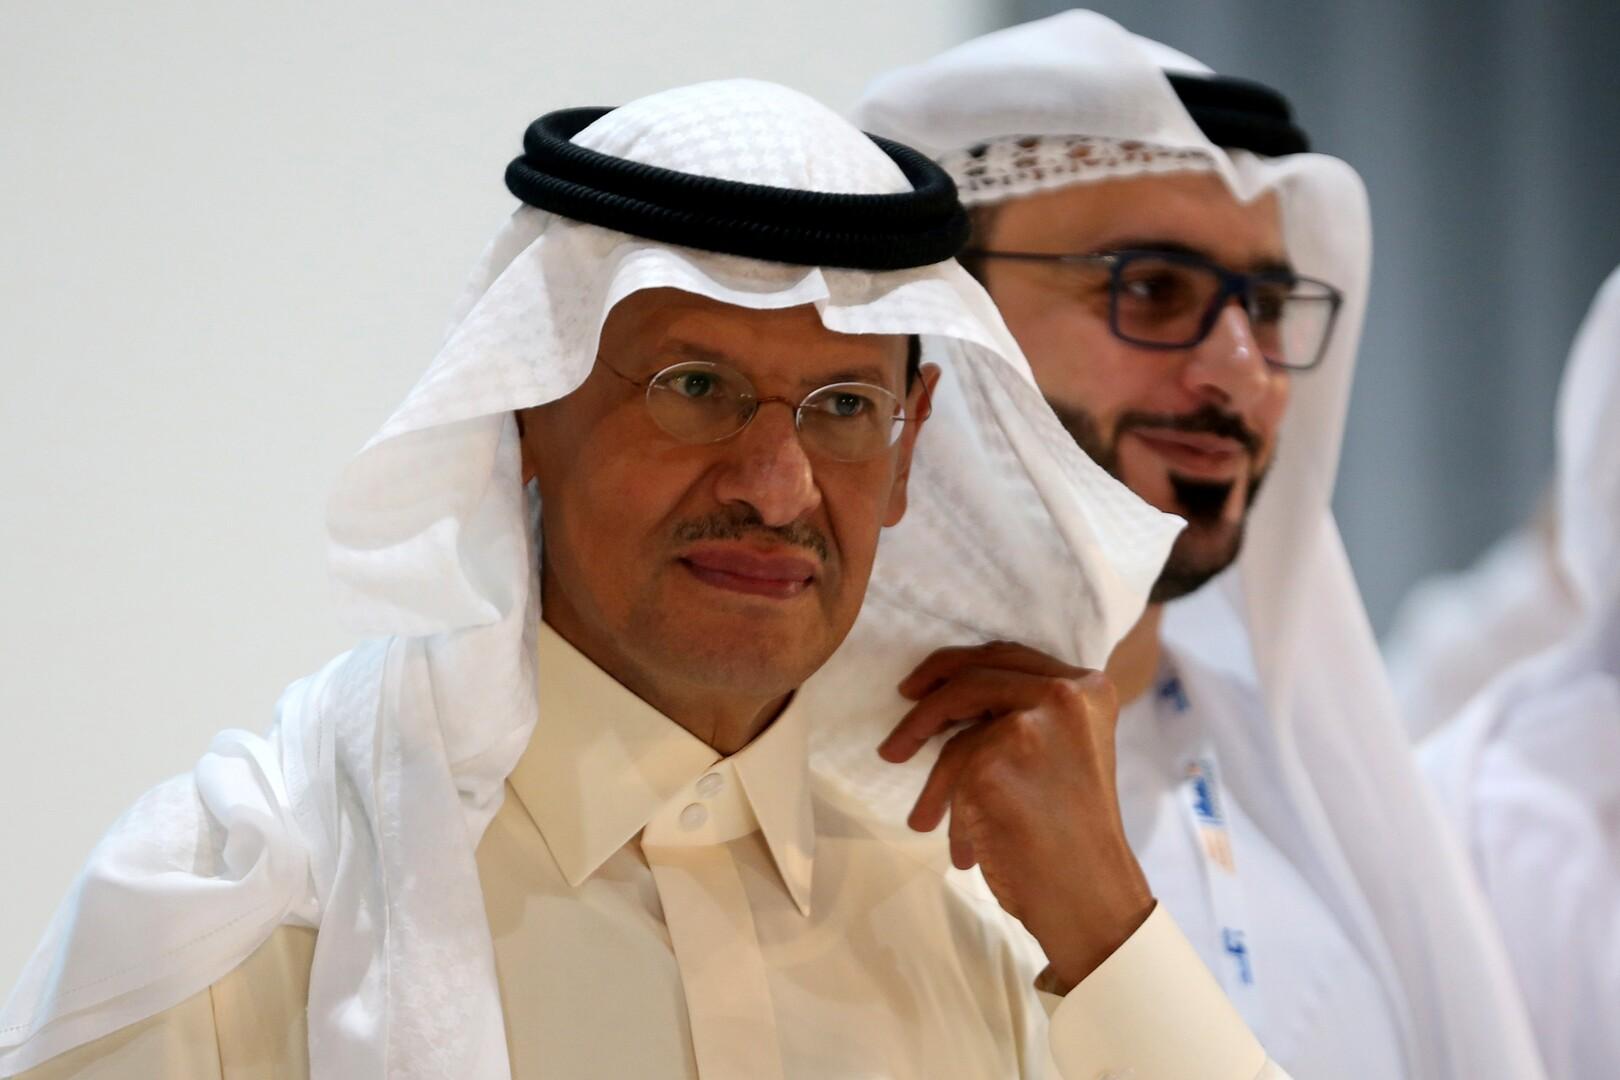 وزير الطاقة الإماراتي يهنئ نظيره السعودي بمنصبه الجديد